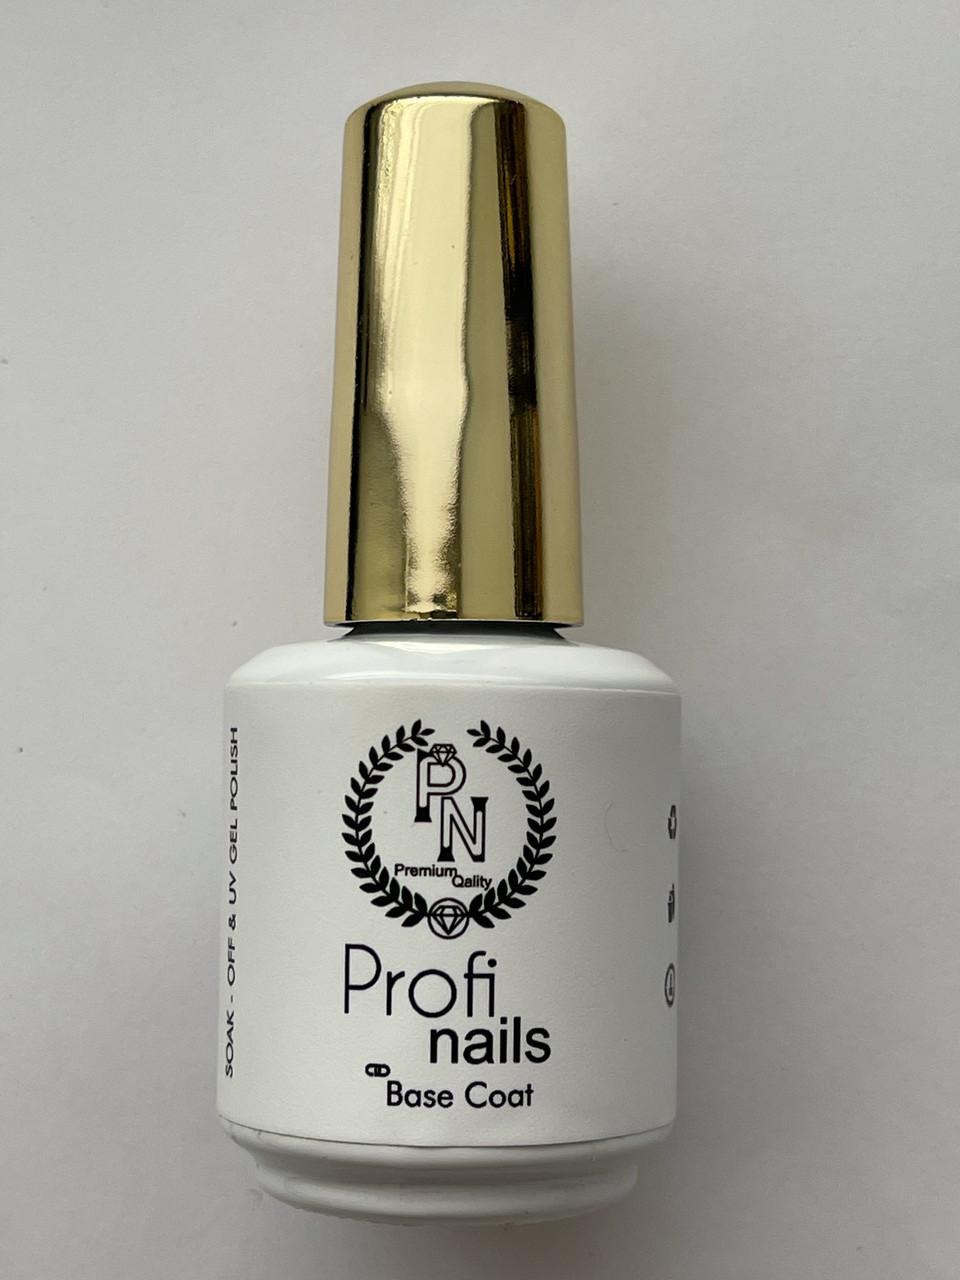 Base coat от Profi nails жидкая база под гель лак 15 ml